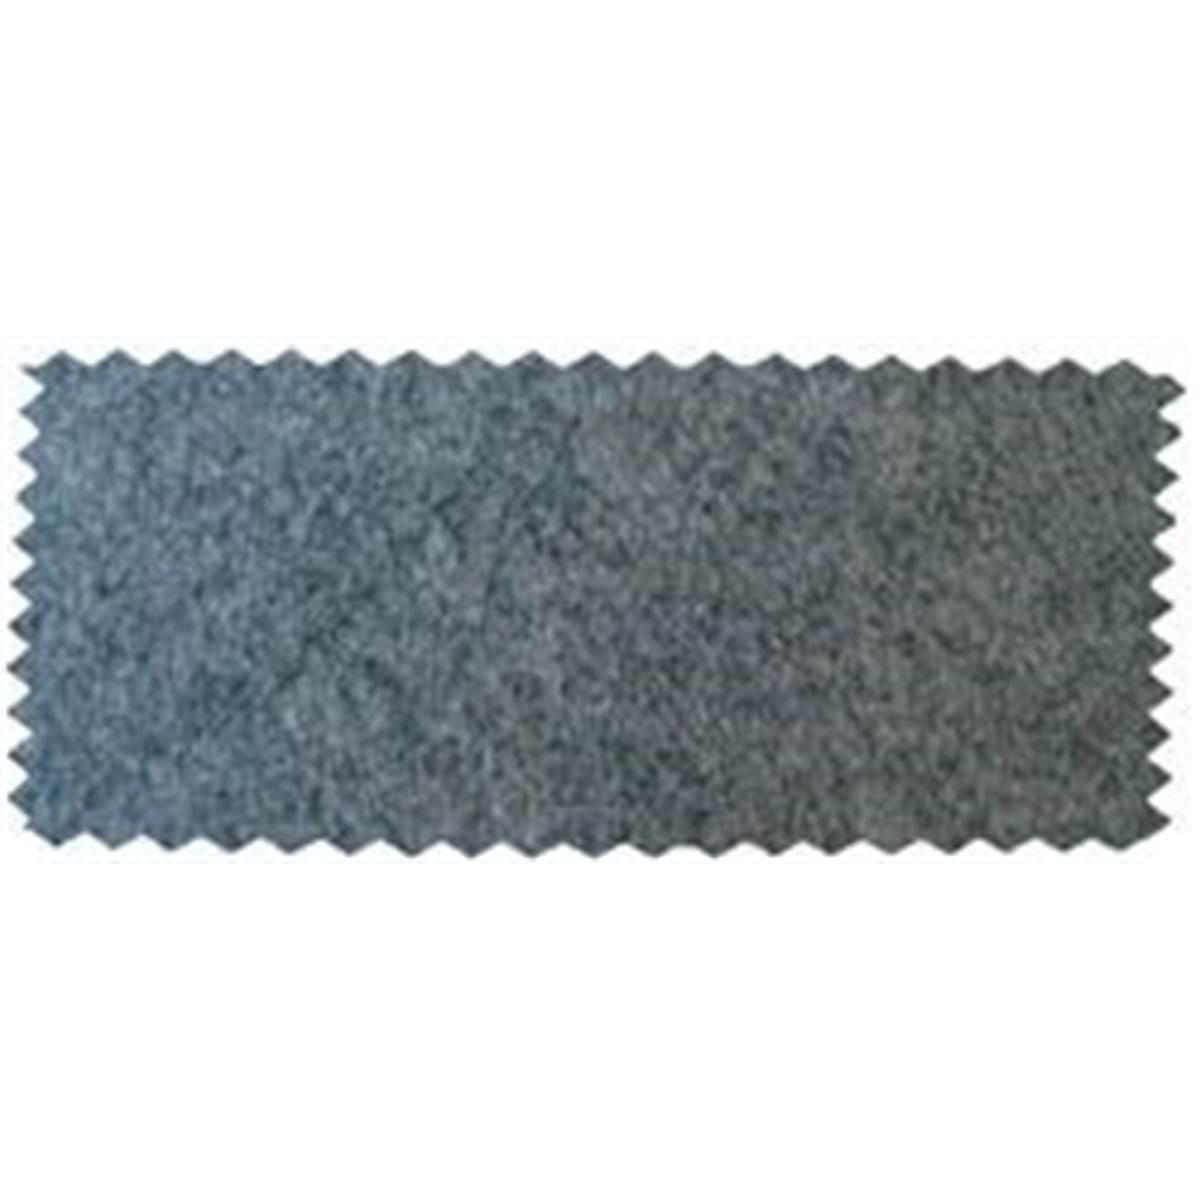 achat moquette achat moquette noire lille achat moquette vnementielle de couleurs grise. Black Bedroom Furniture Sets. Home Design Ideas